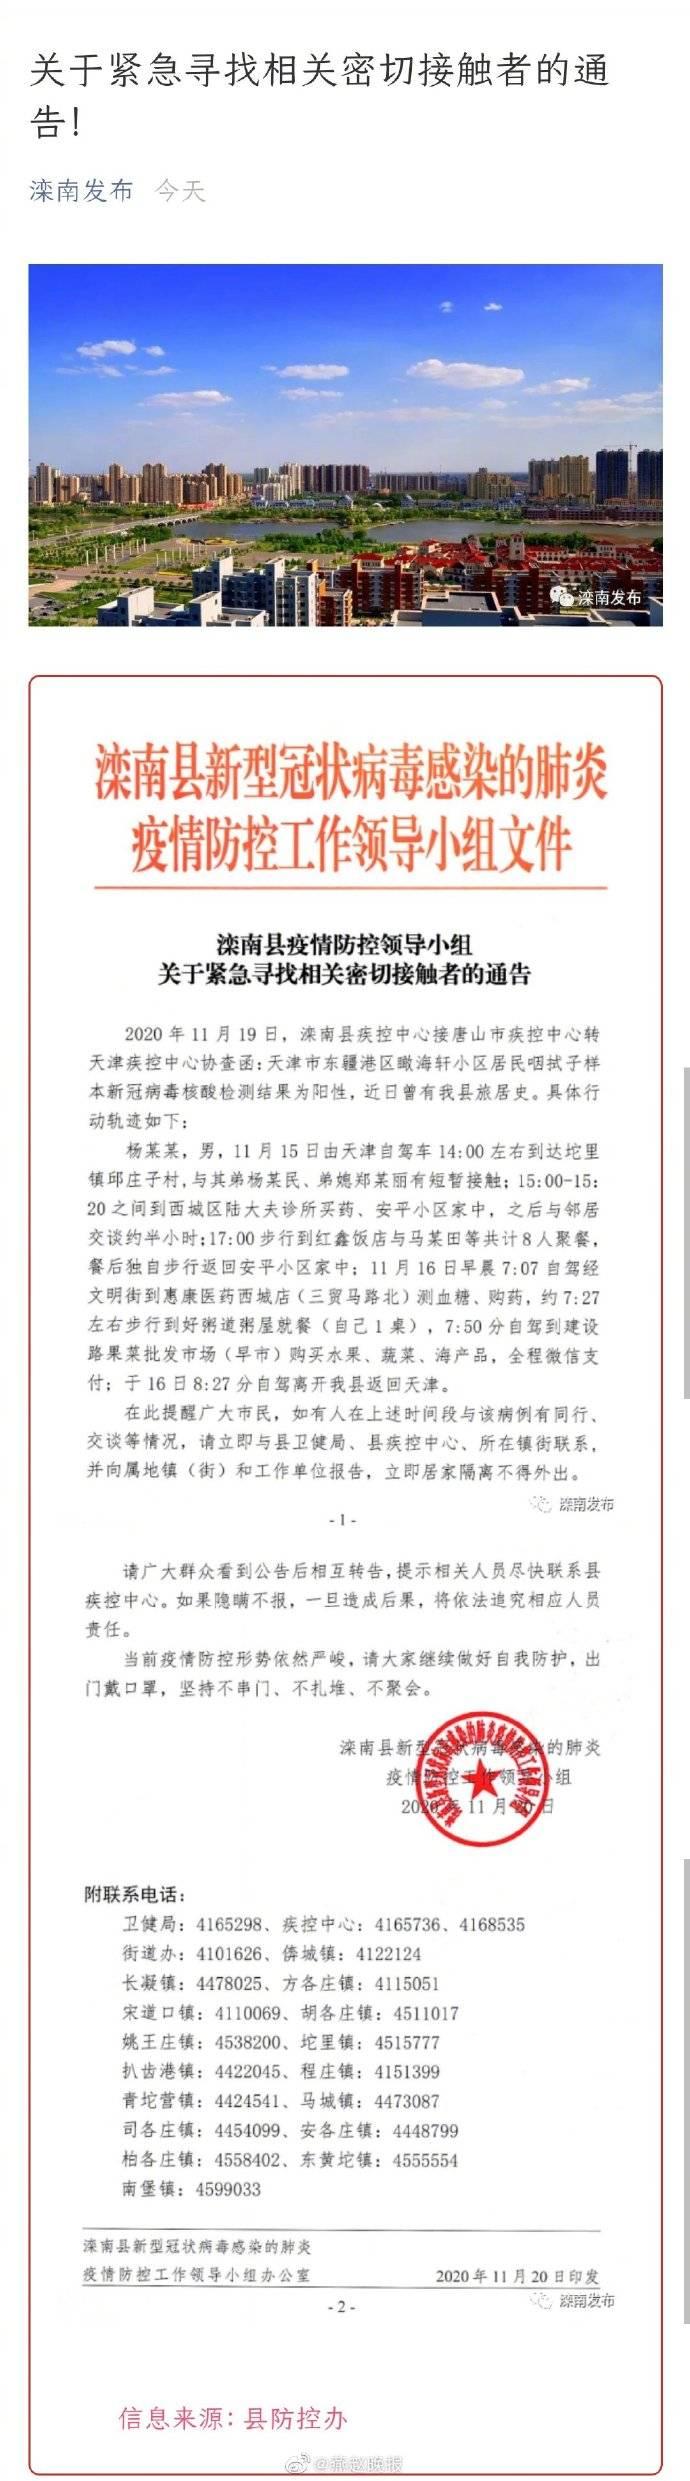 唐山滦南:紧急寻找天津一确诊病例密切接触者